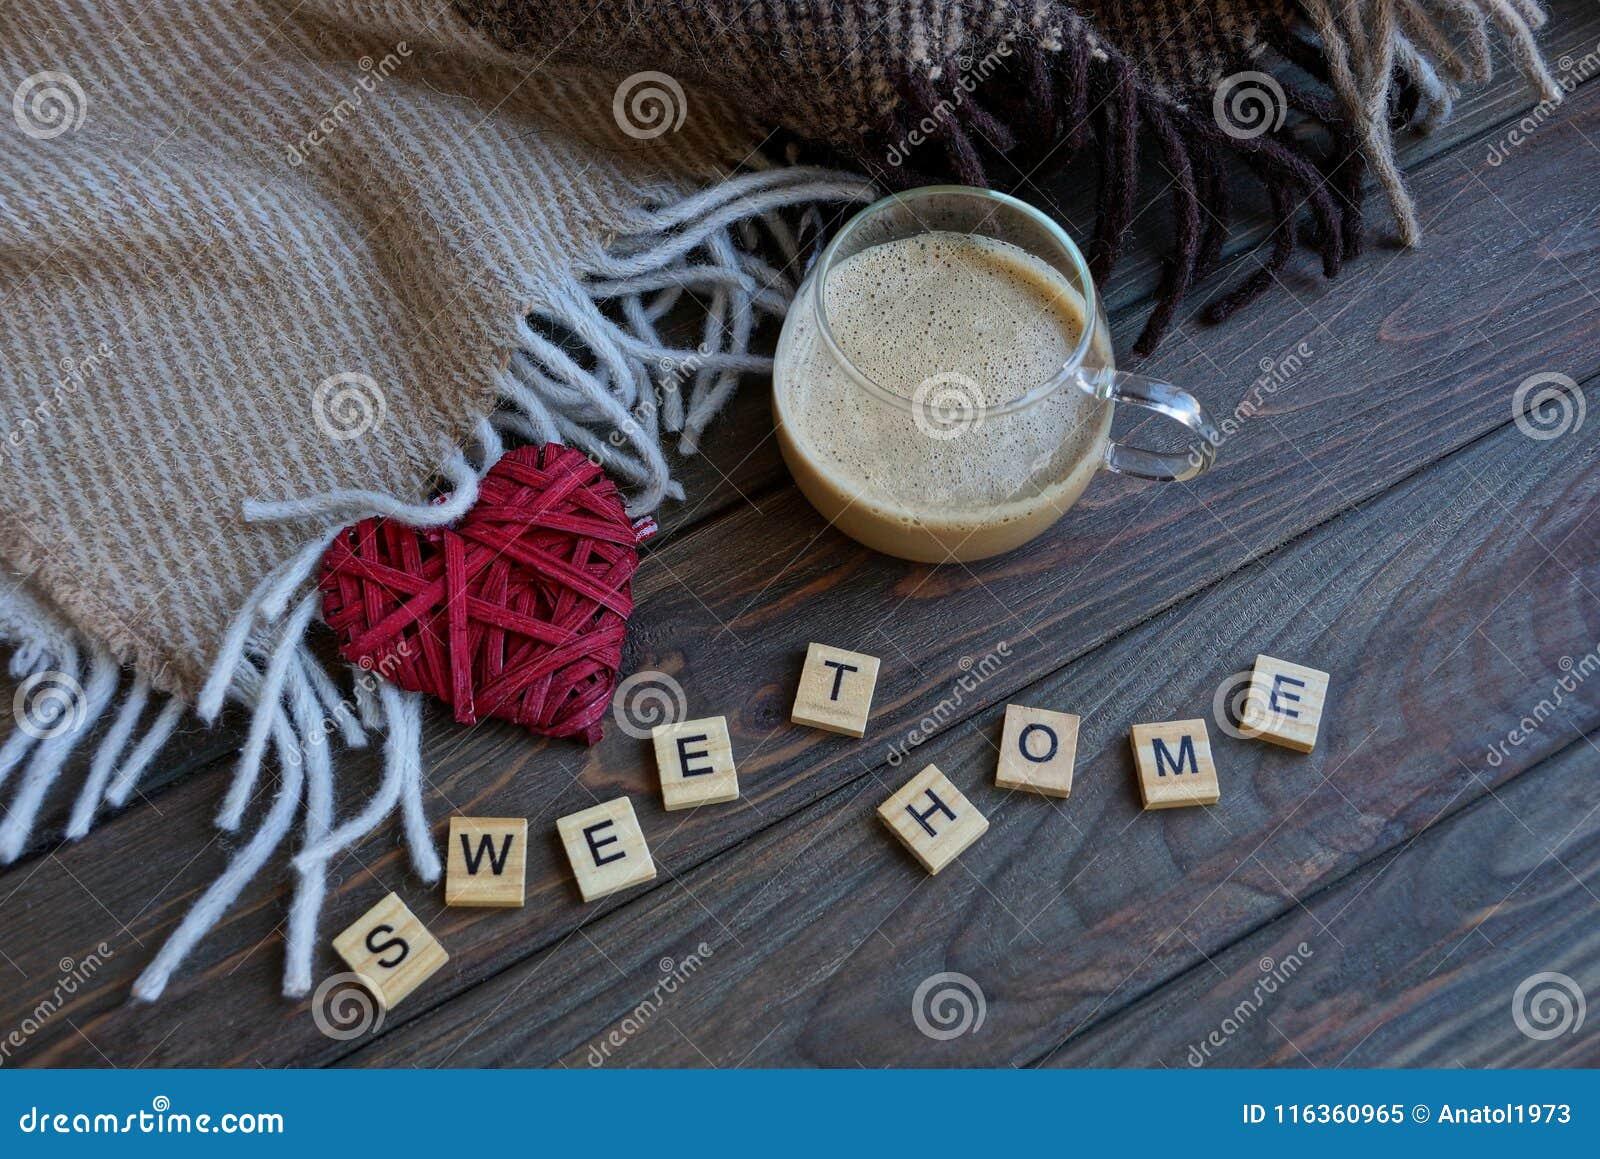 Uma xícara de café e um coração vermelho perto de uma cobertura de lã na tabela com uma palavra da casa de madeira do doce das le